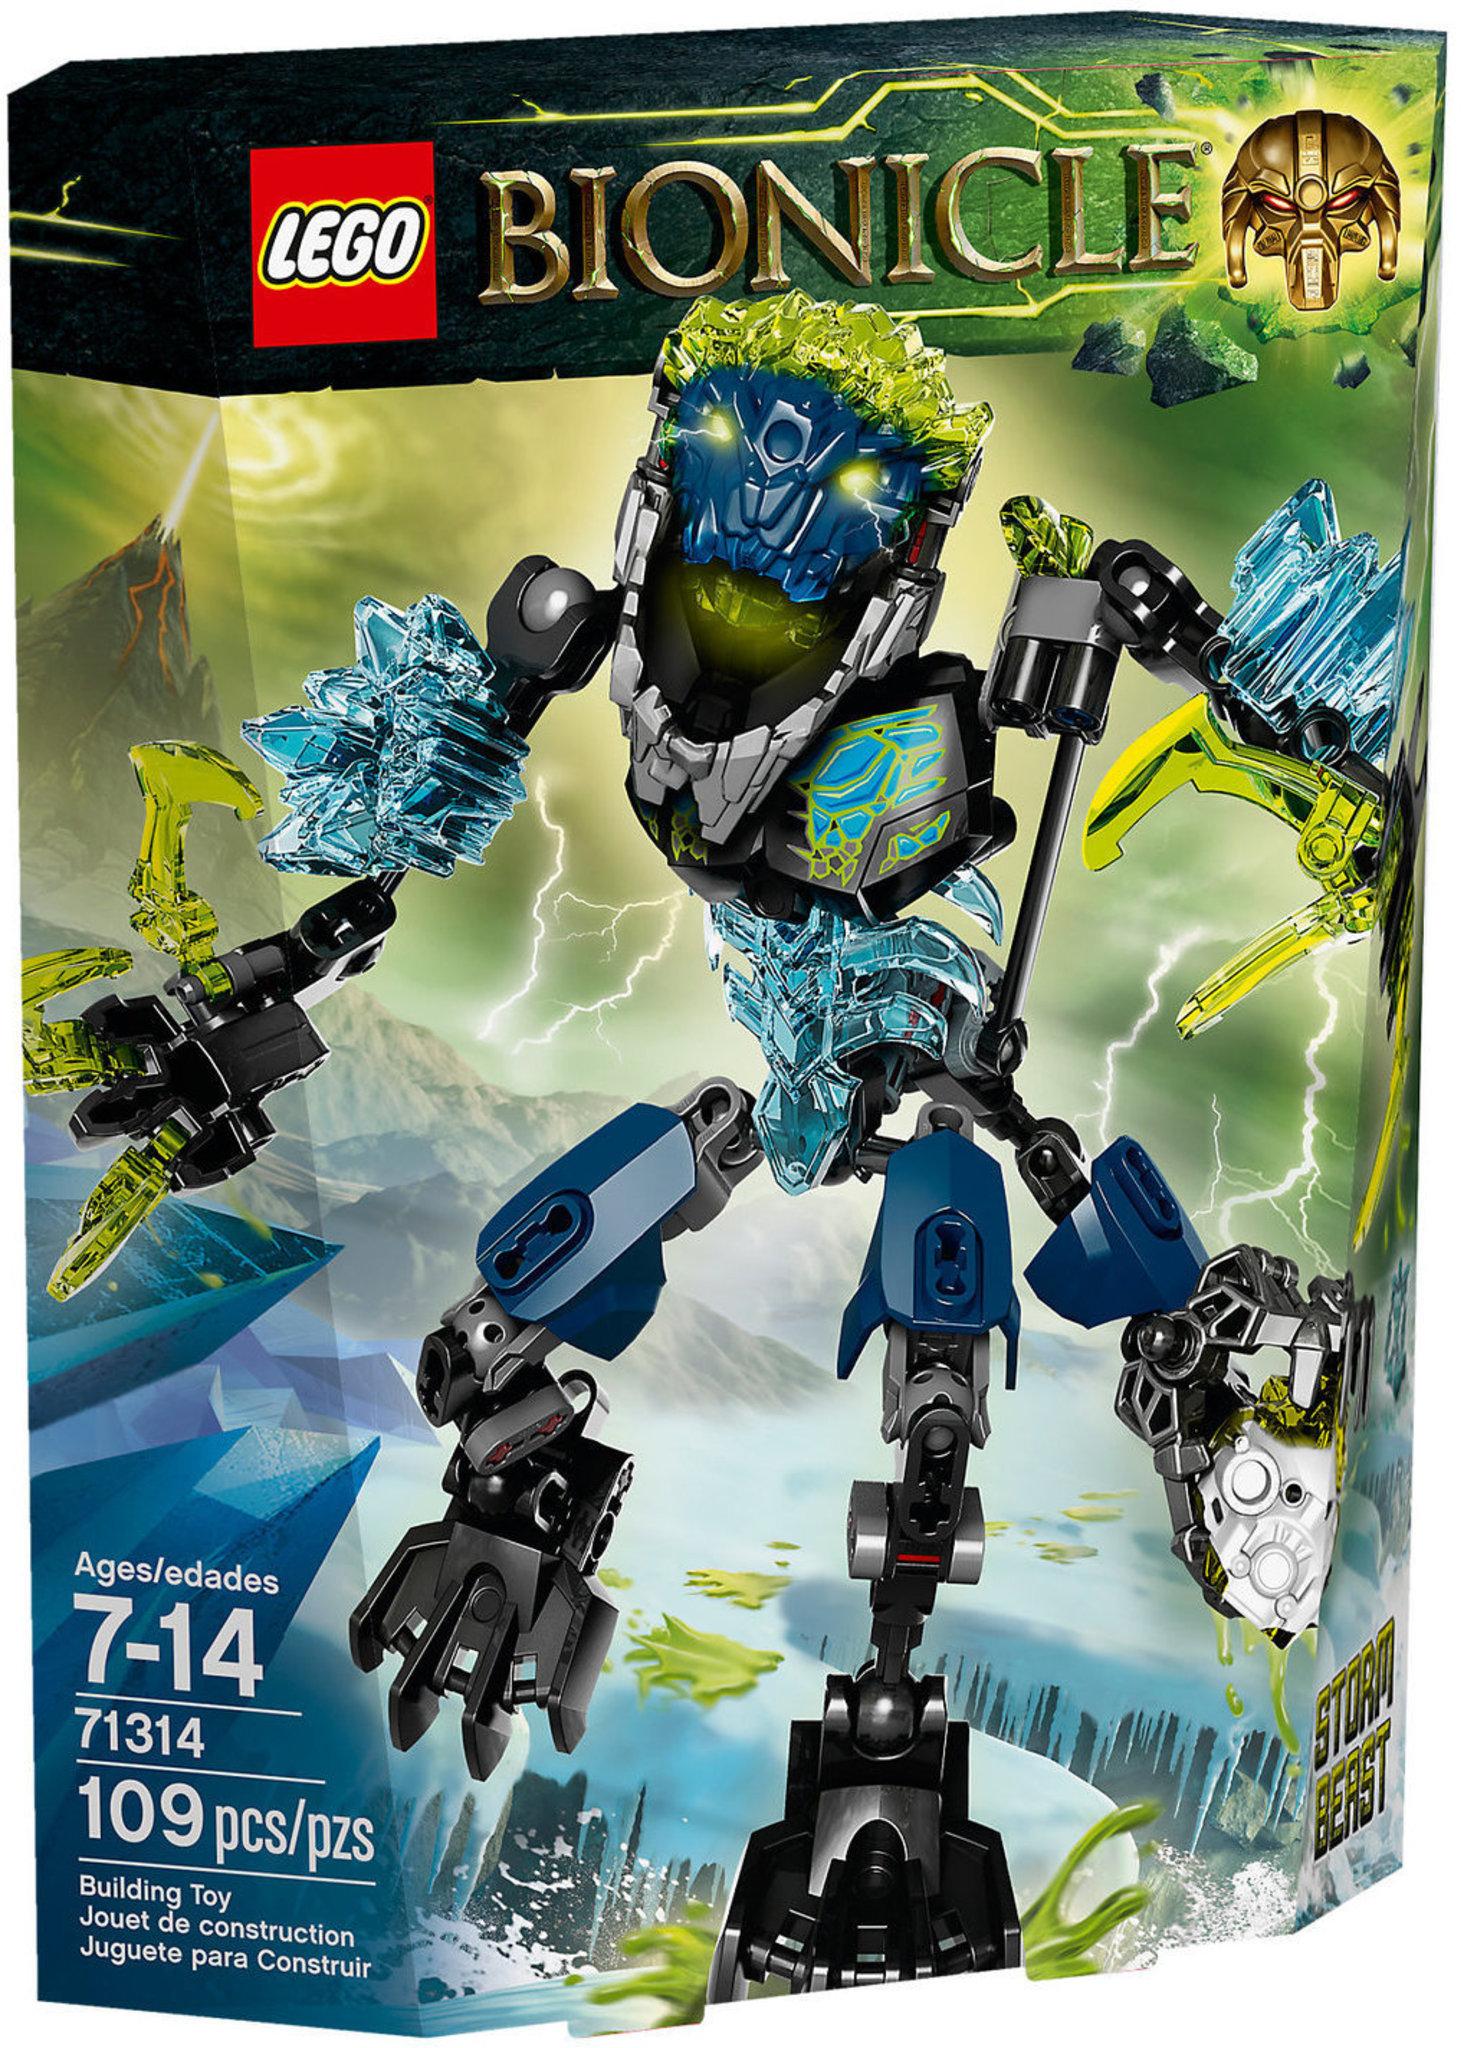 LEGO Bionicle 71314 - Storm Beast | Mattonito